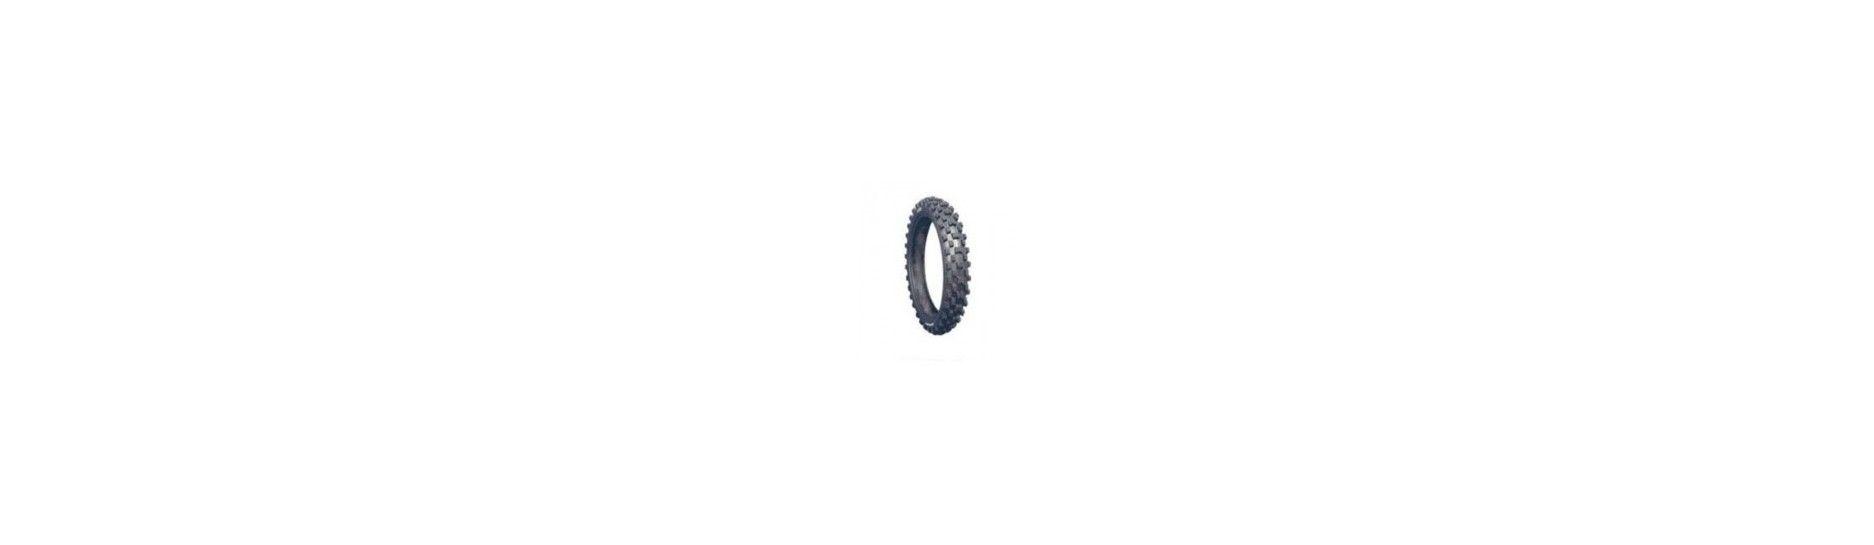 19-ti palcové pneumatiky